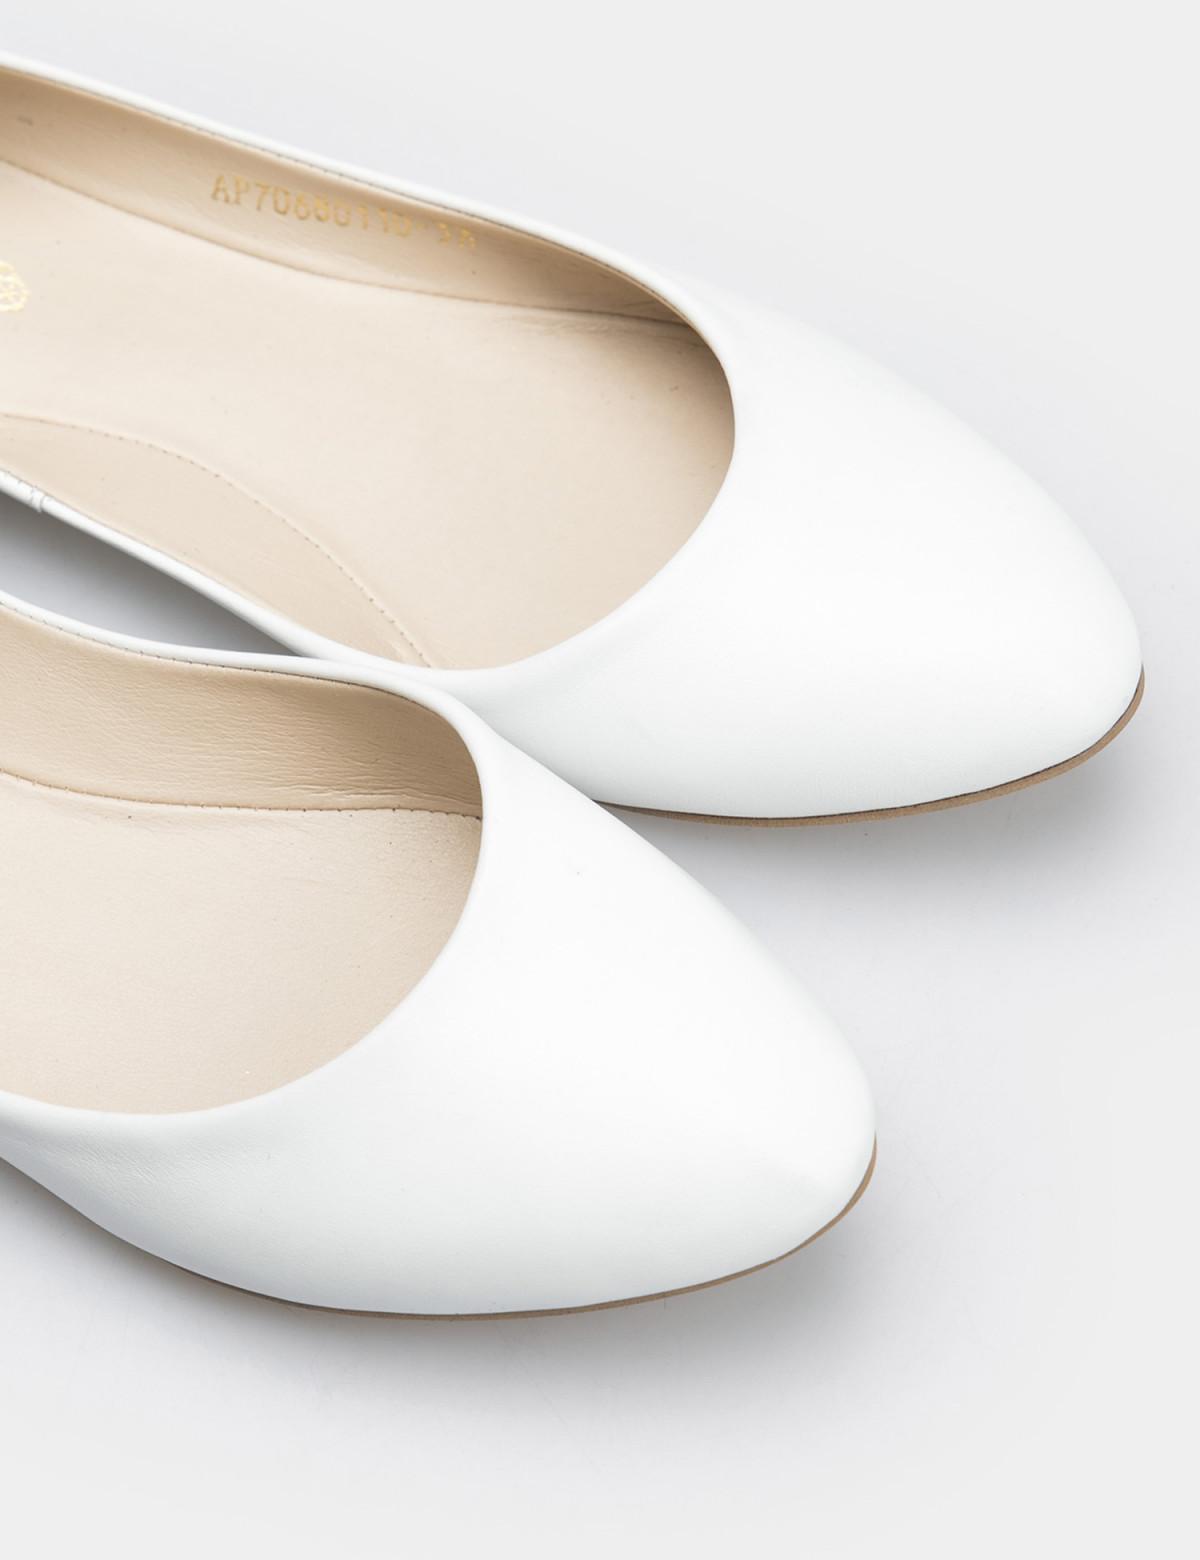 Балетки белые, натуральная кожа4